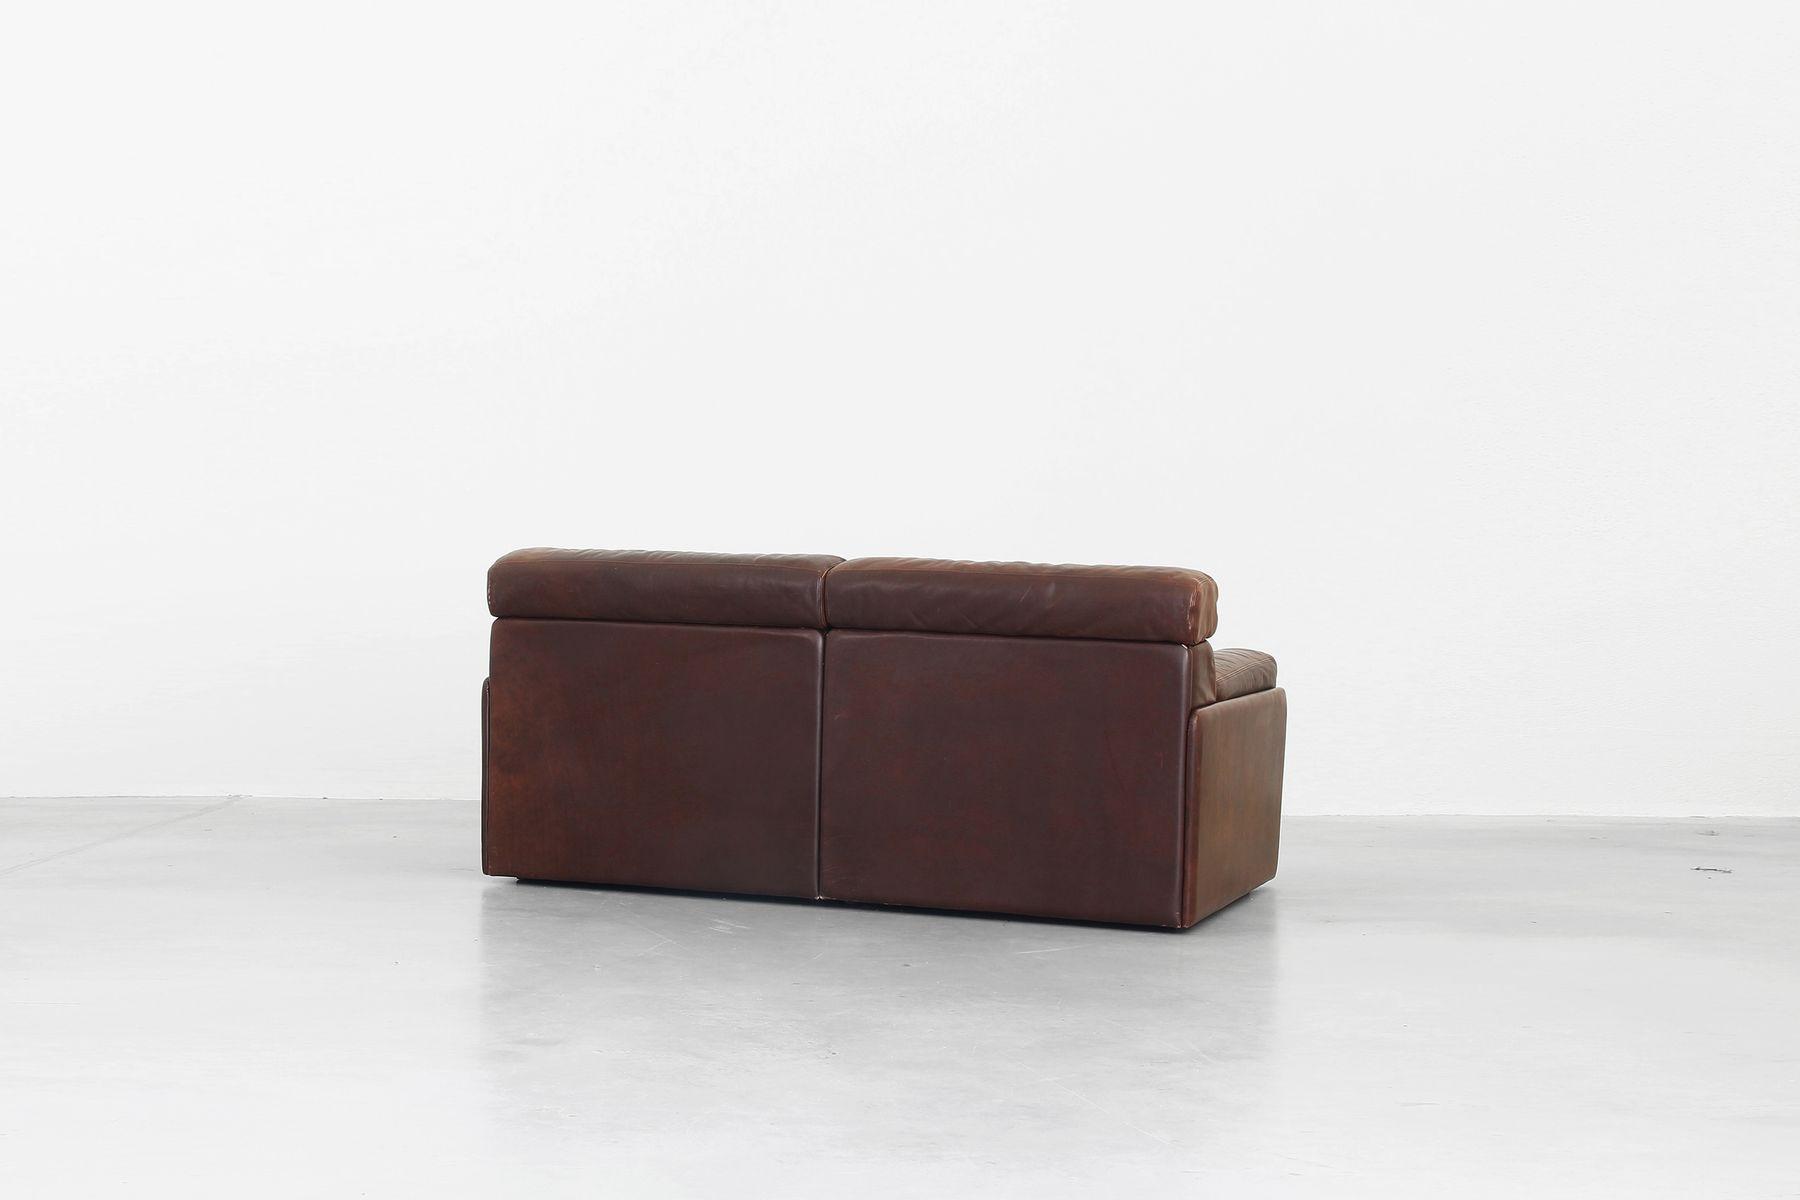 vintage modell ds 76 ledersofa in braun von de sede bei. Black Bedroom Furniture Sets. Home Design Ideas